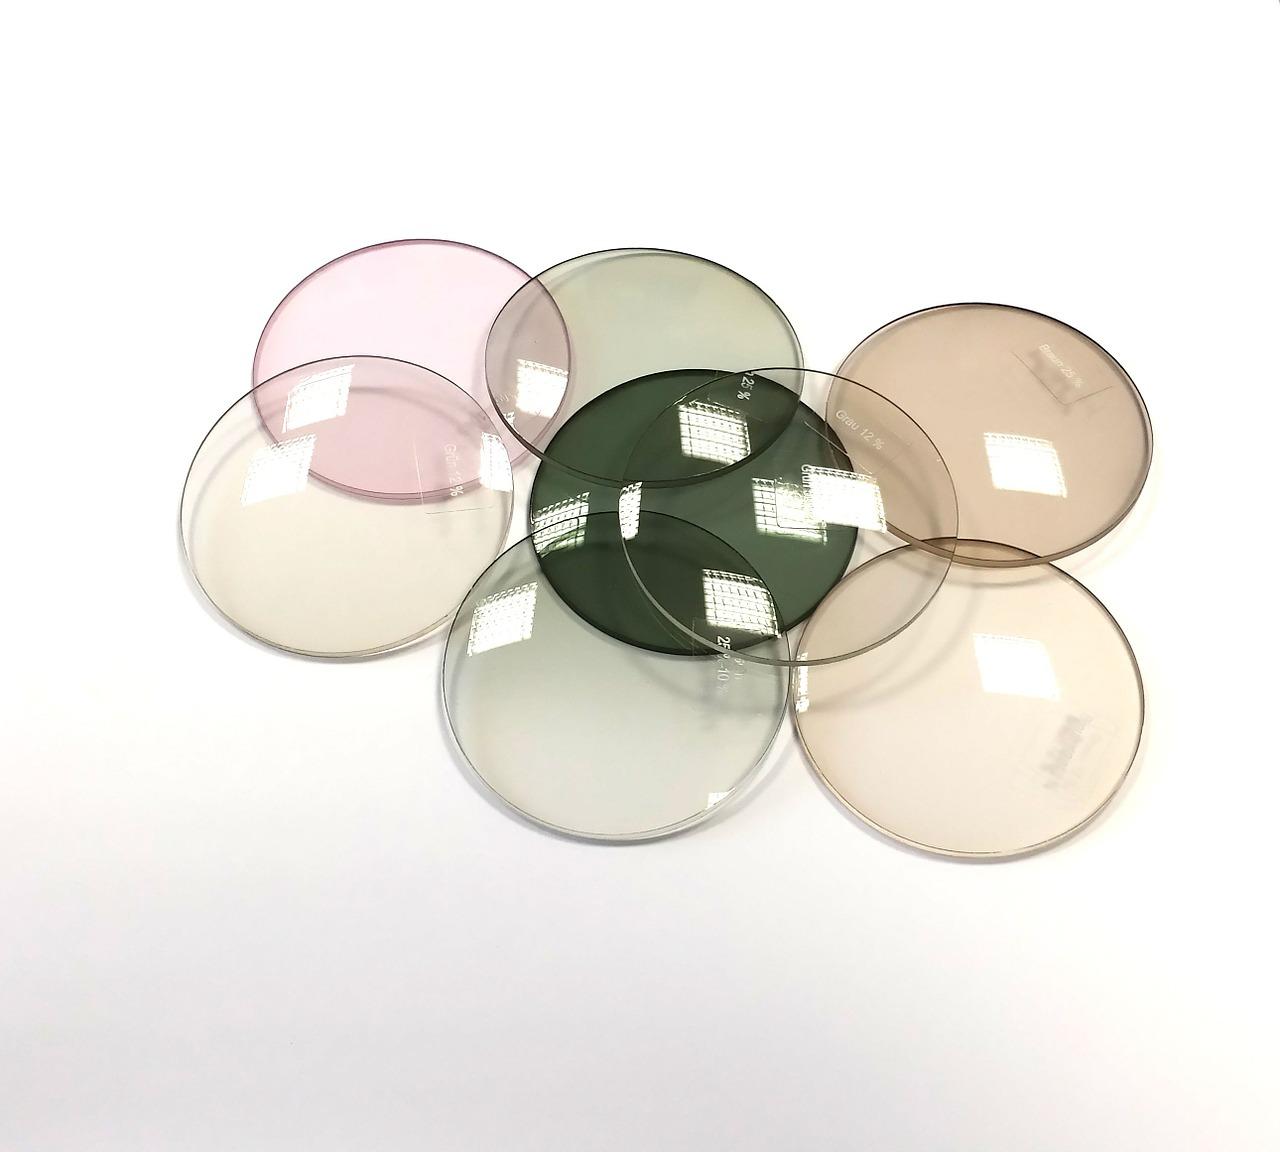 eyeglass lenses, glass, glasses glass-509385.jpg